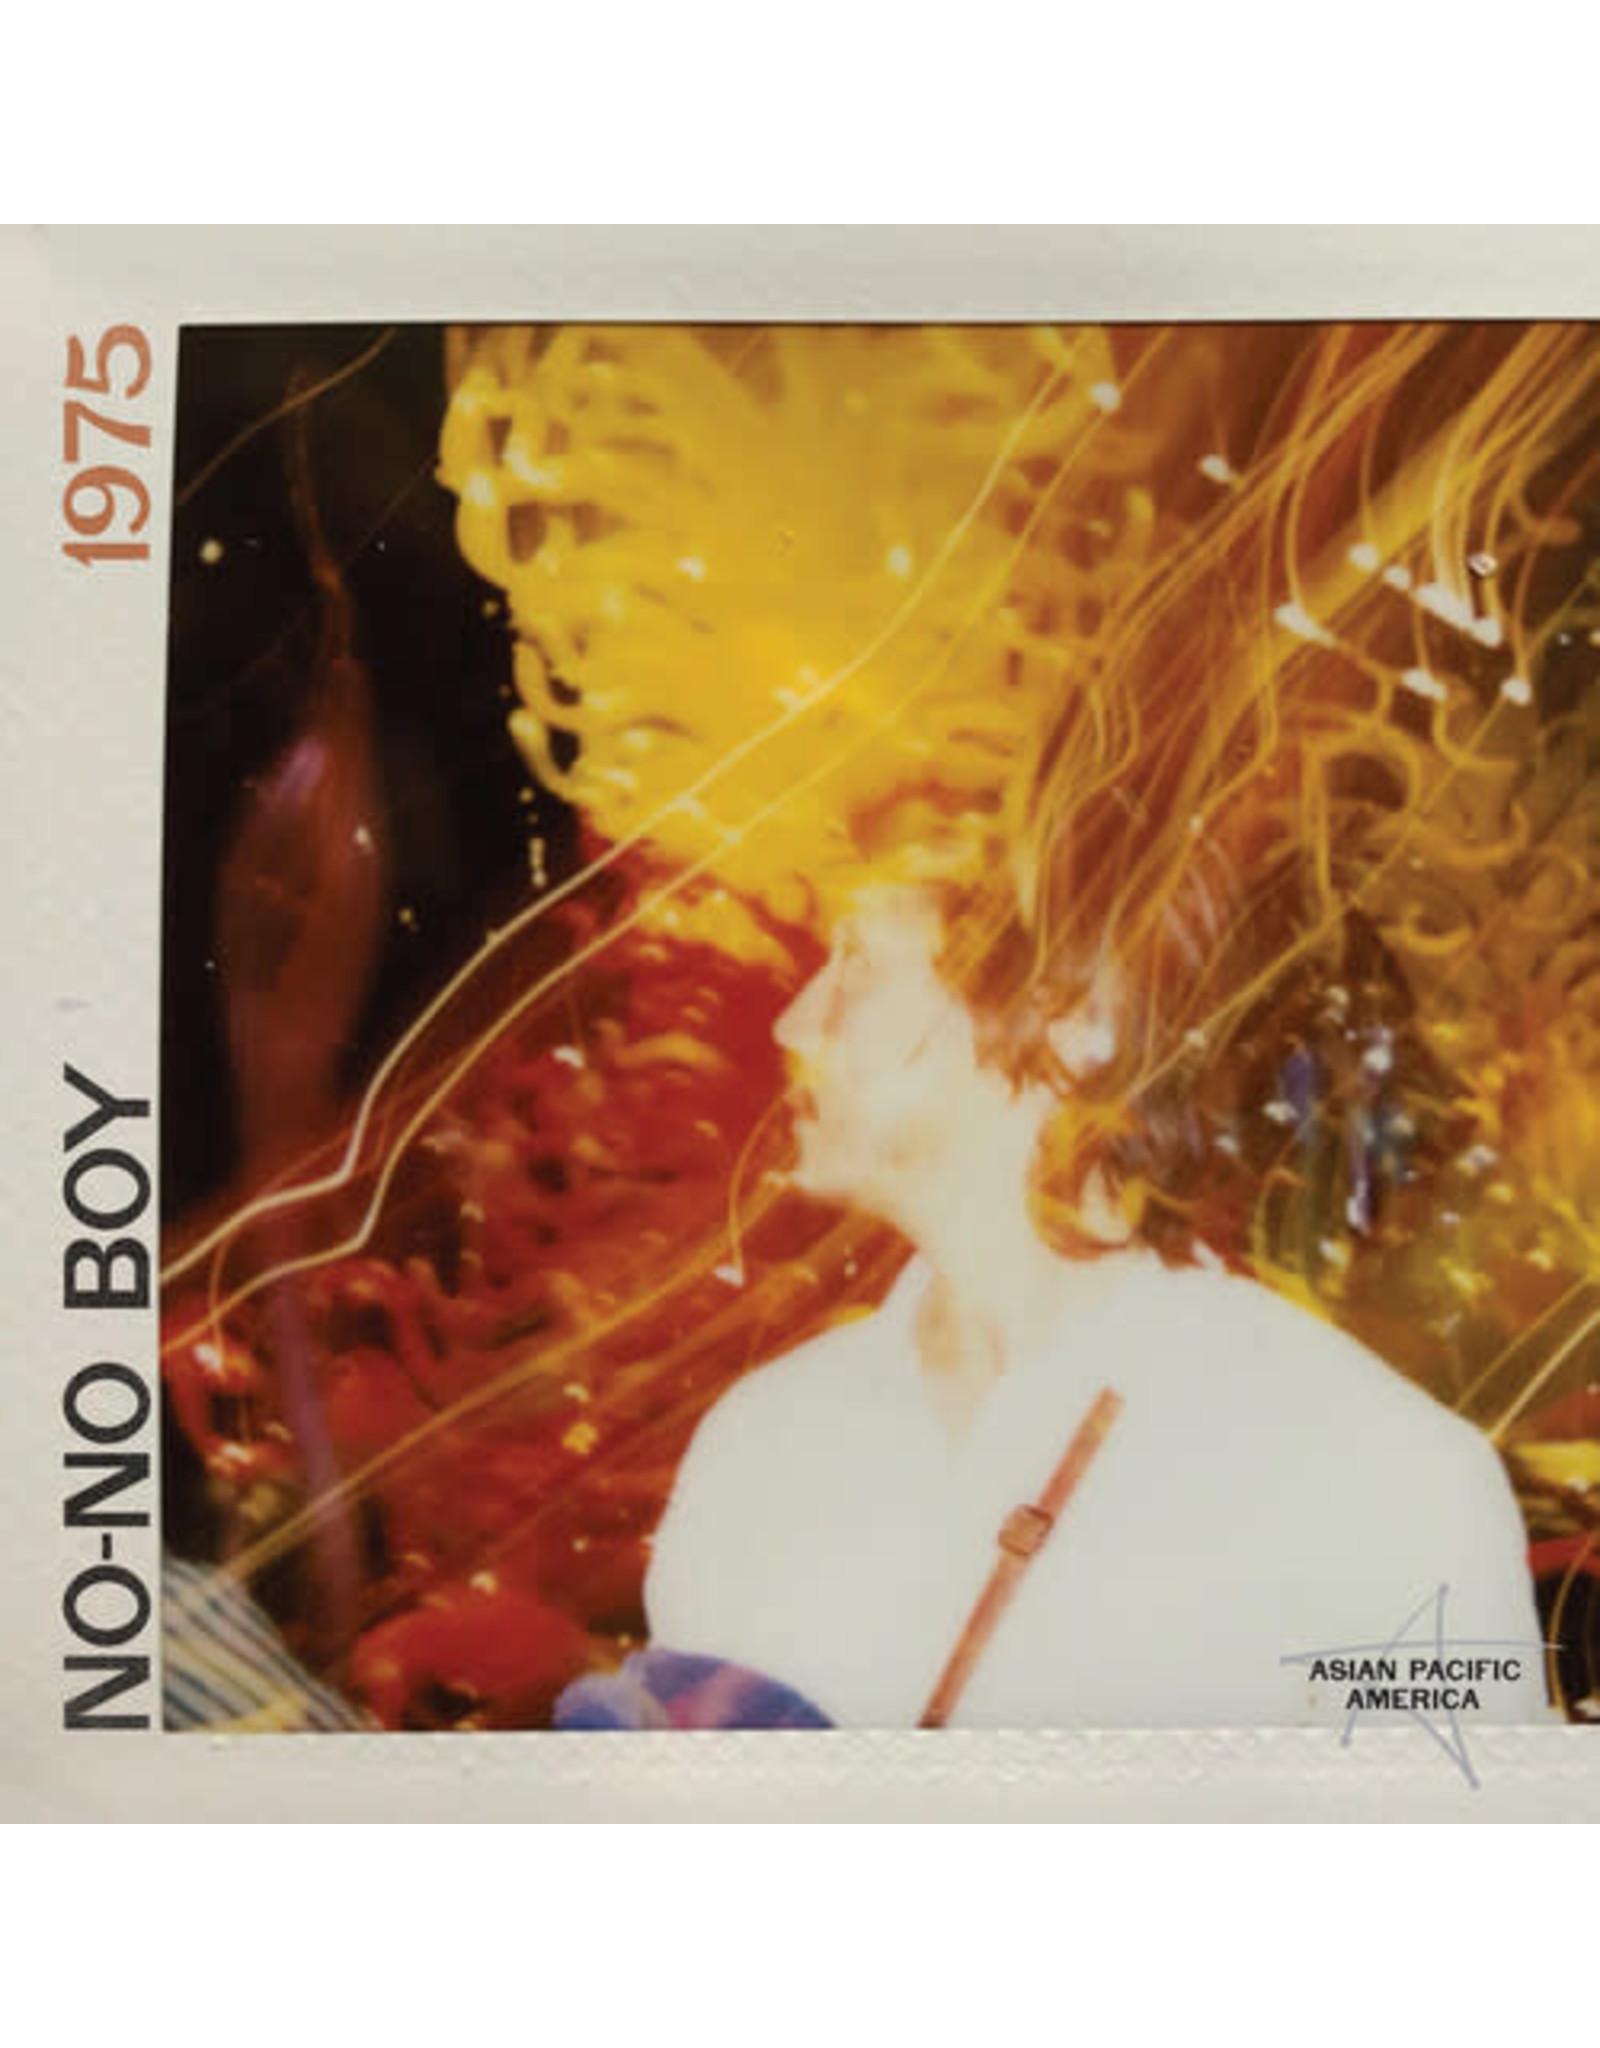 New Vinyl No-No Boy - 1975 LP